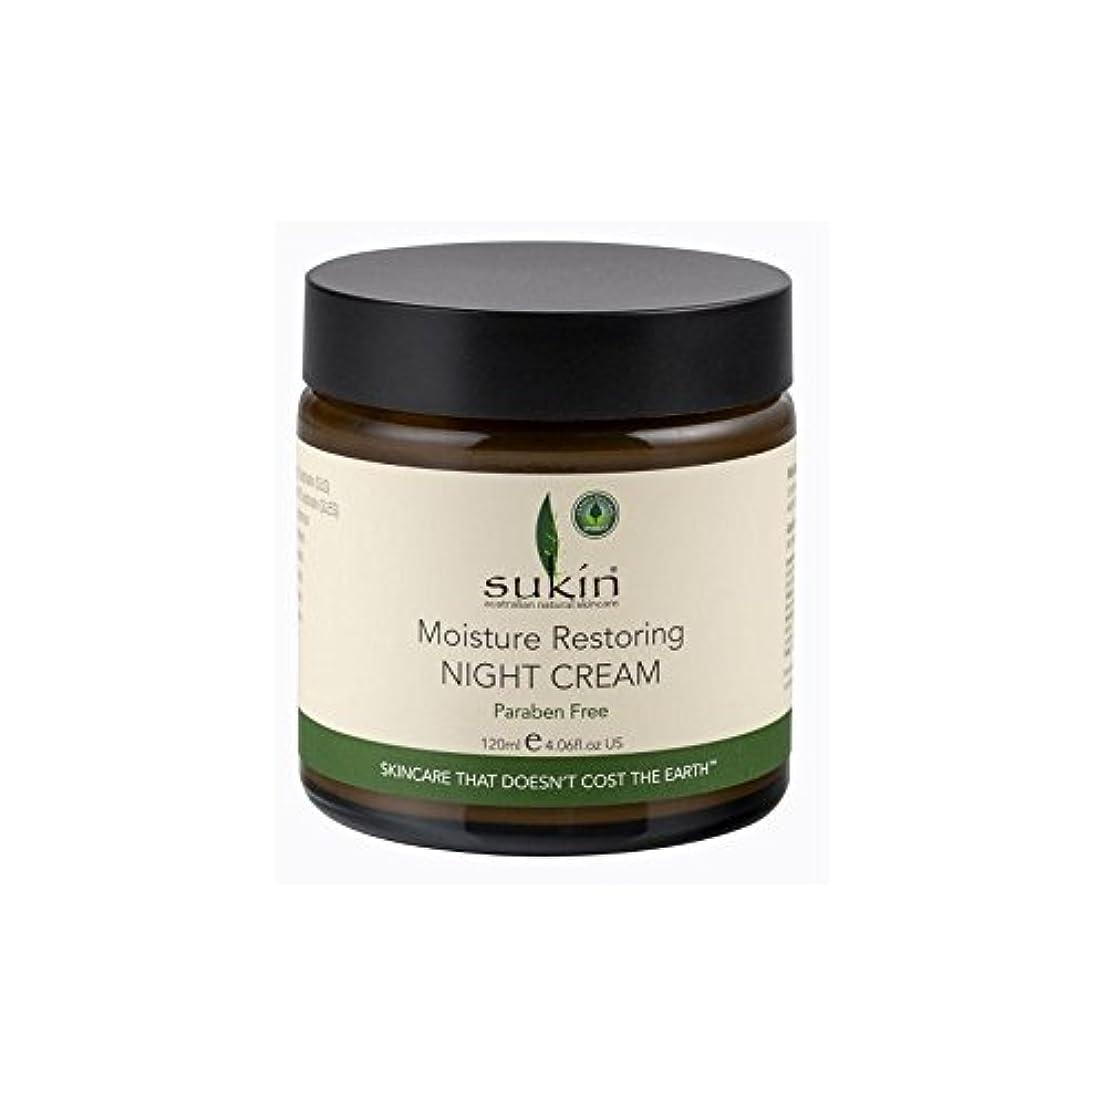 作りますマット果てしない水分復元ナイトクリーム(120ミリリットル) x4 - Sukin Moisture Restoring Night Cream (120ml) (Pack of 4) [並行輸入品]